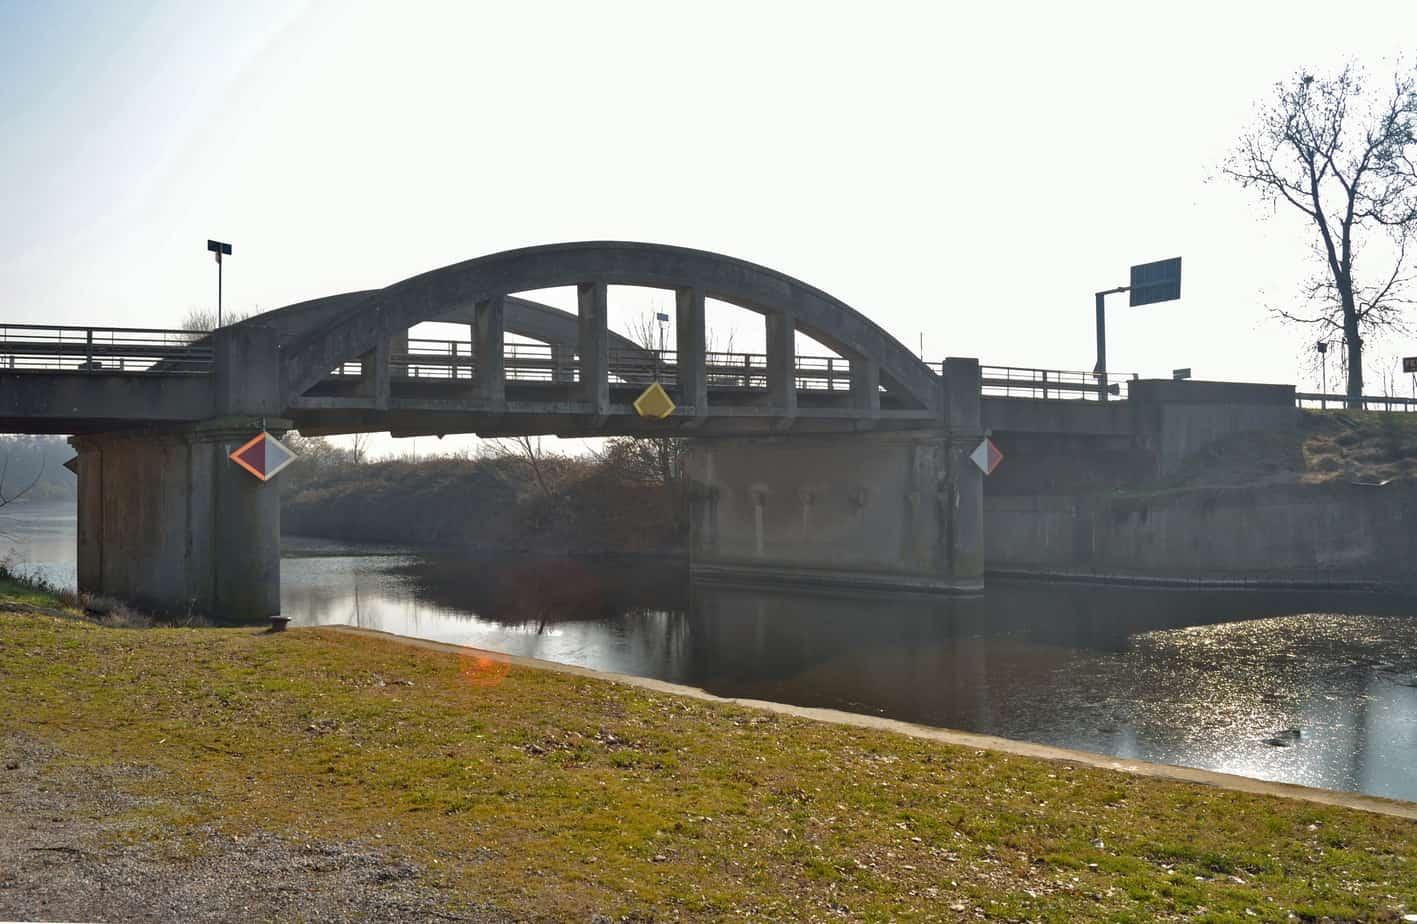 Il ponte esistente andrà demolito e sostituito con la nuova opera